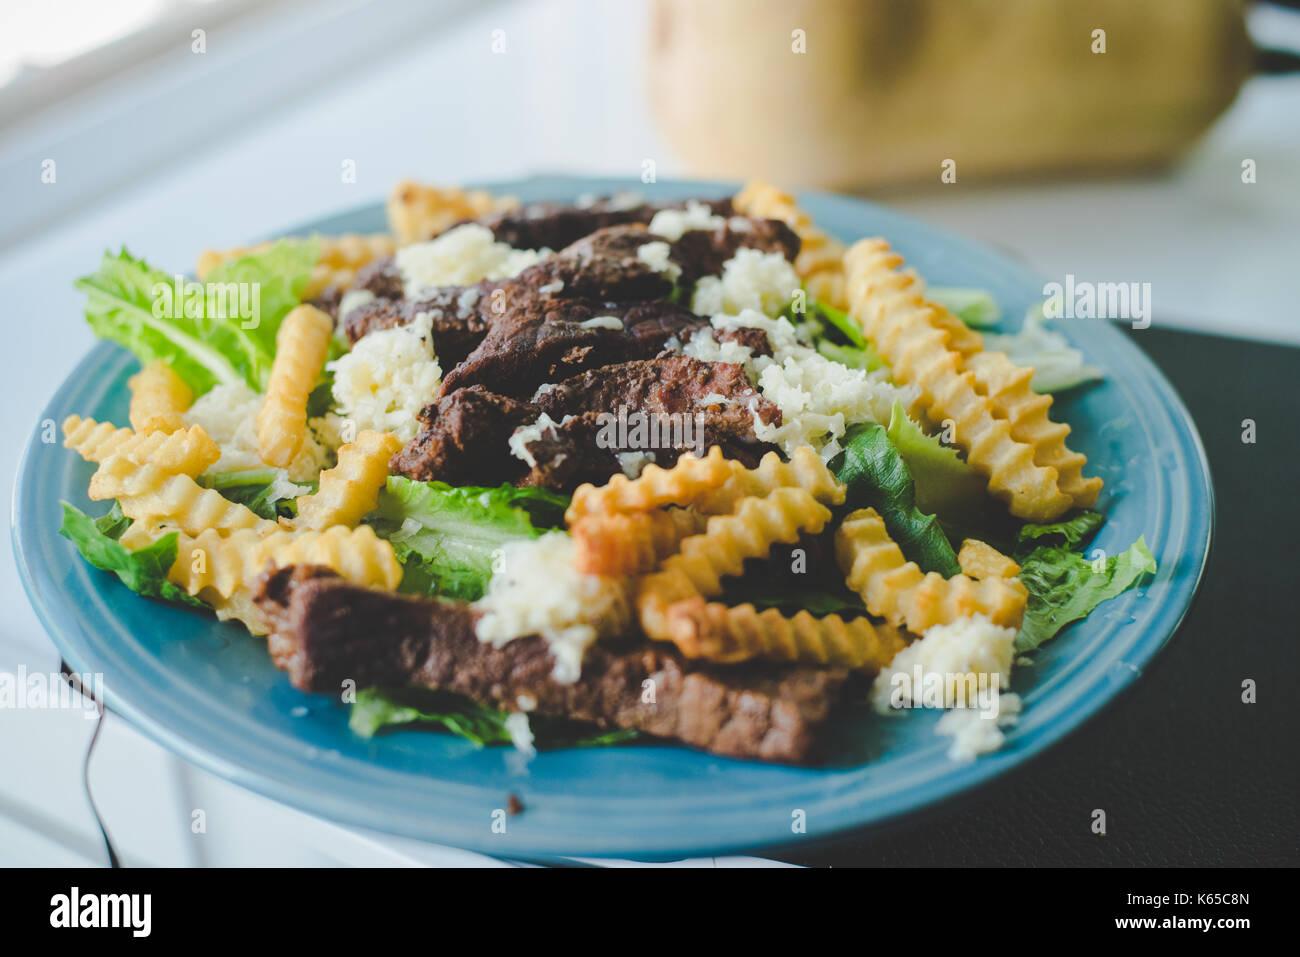 Une plaque d'un steak frites avec salade ou frites. Photo Stock